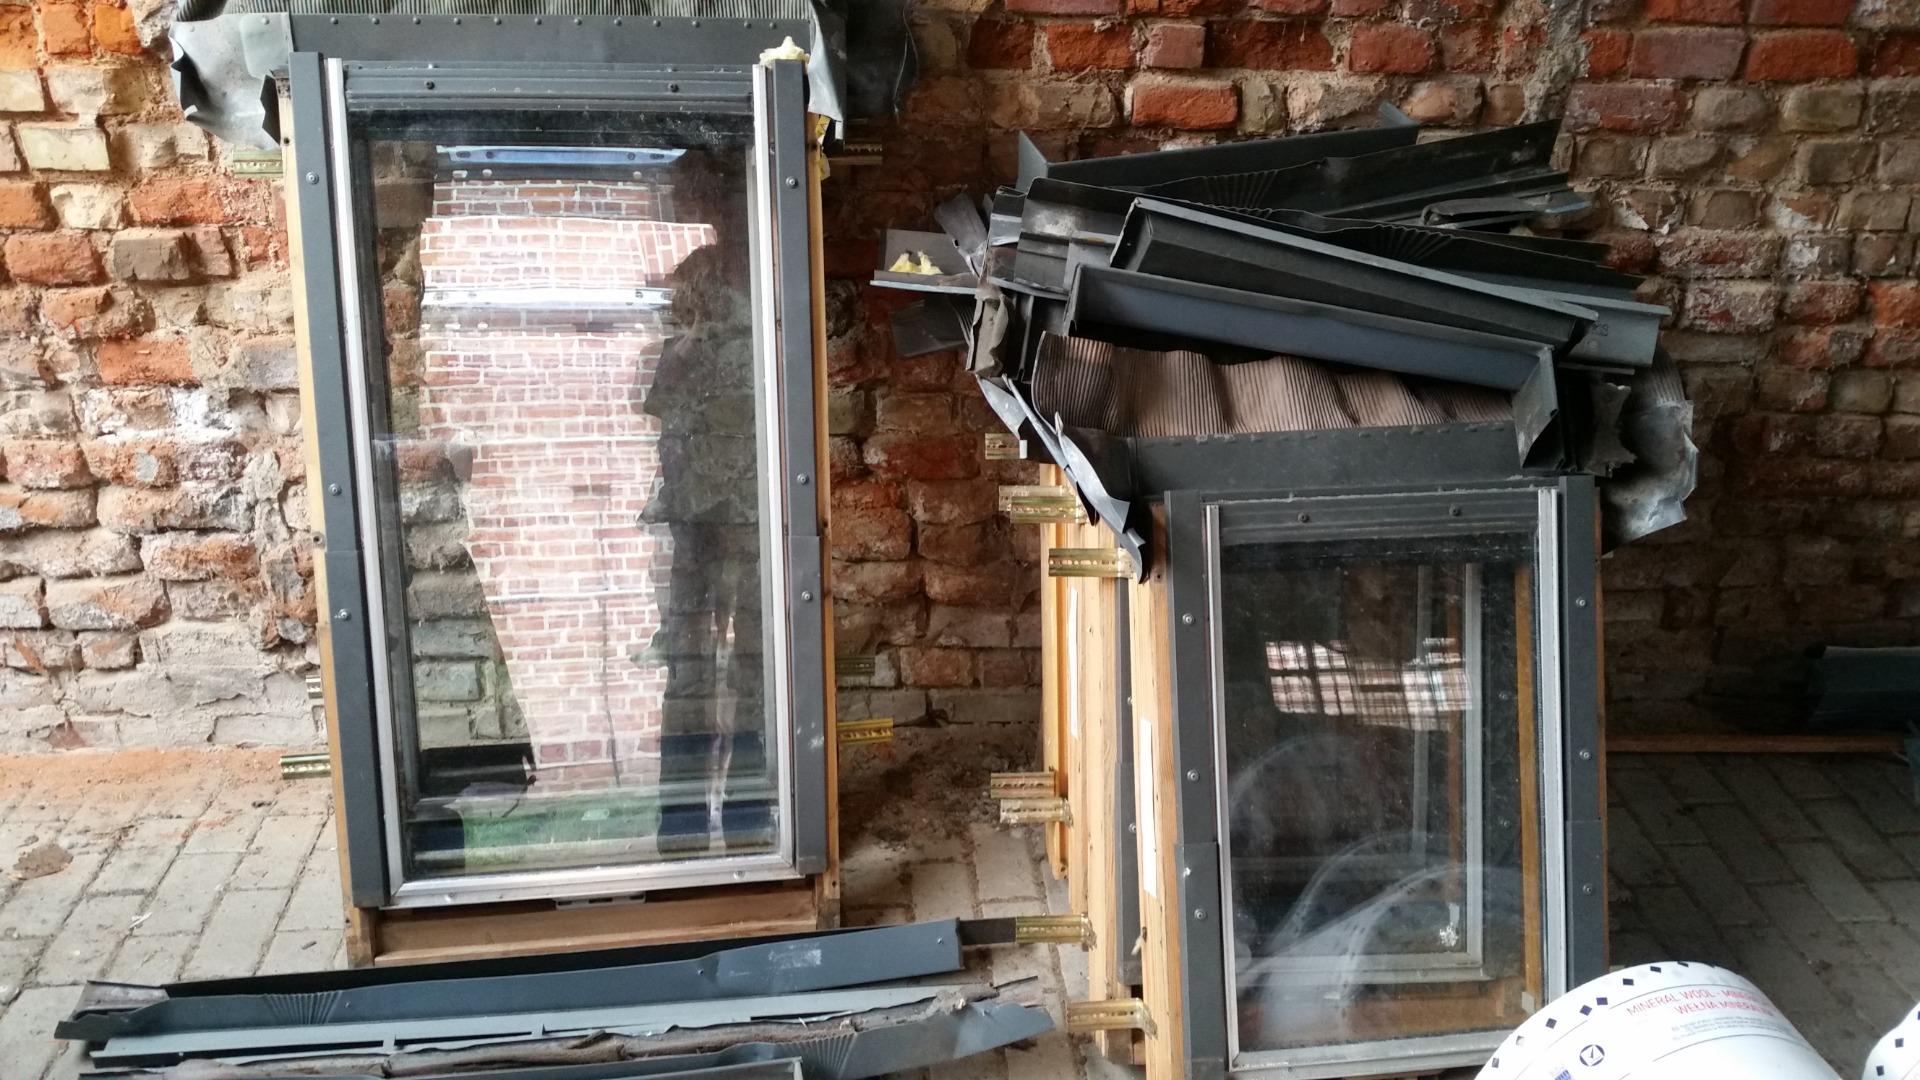 Full Size of Velux Fenster Kaufen Veludachfenster Holz Auf Duschen Ebay Gebrauchte Betten Günstig 180x200 Küche Tipps Rollo Stores Erneuern Rc3 Dreh Kipp Mit Sprossen Fenster Velux Fenster Kaufen